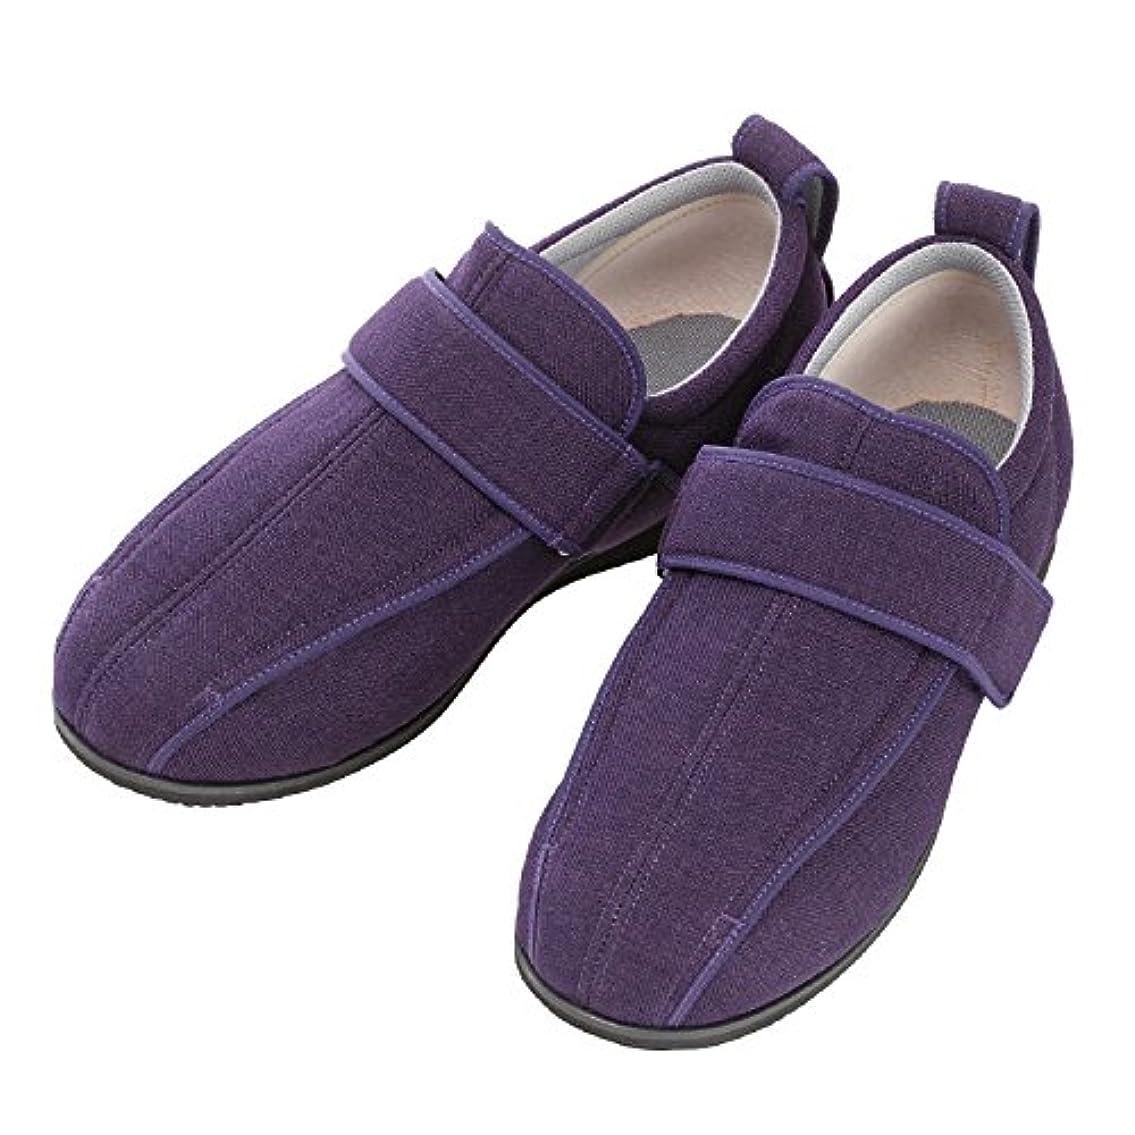 淡いトーン臭い介護シューズ あゆみ ケアフルIII 外出用 紫 M 22.0-22.5cm 足囲9E 両足